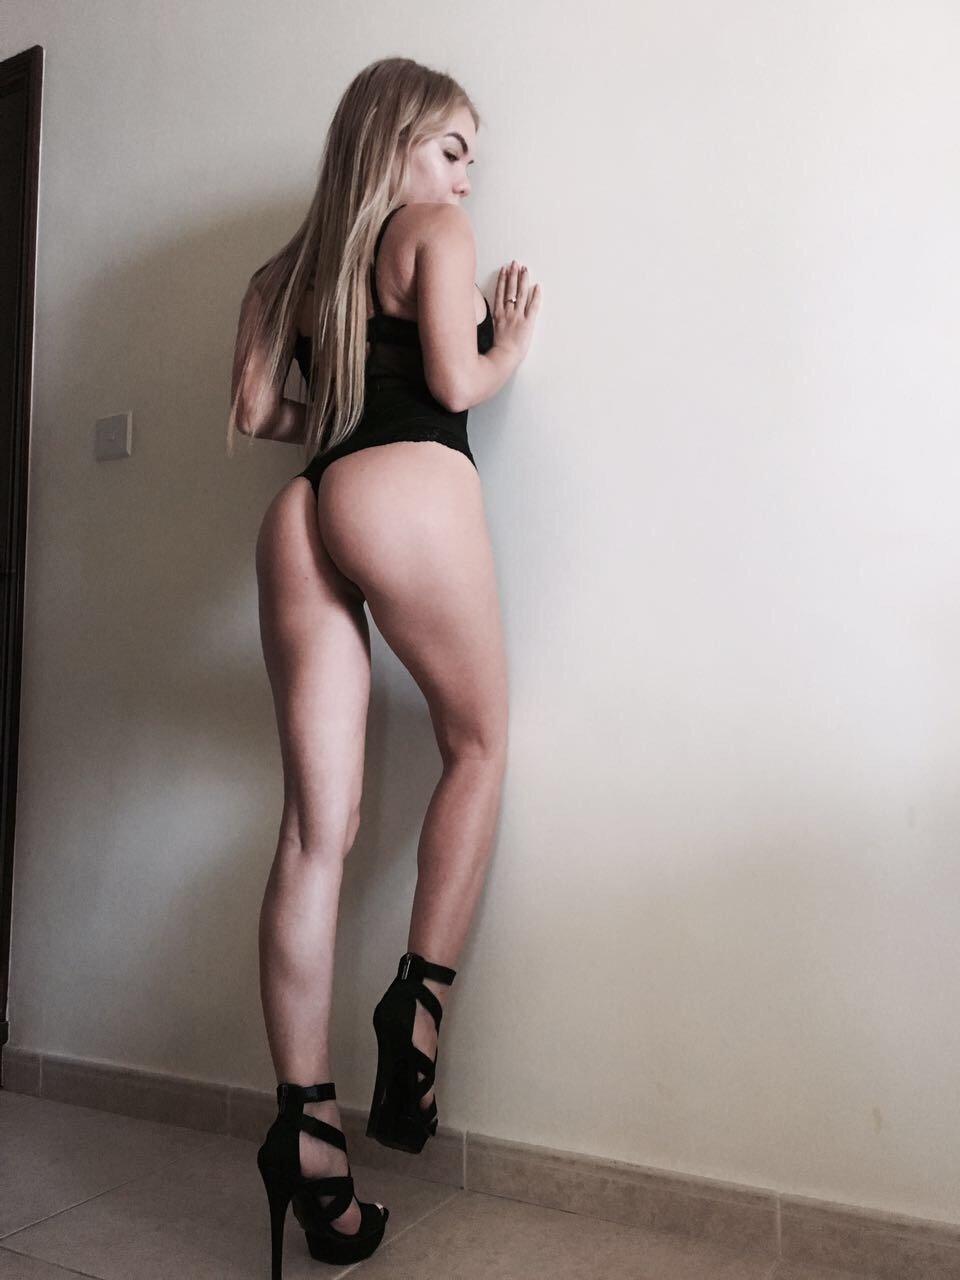 nuru massage blonde eskorteservice no